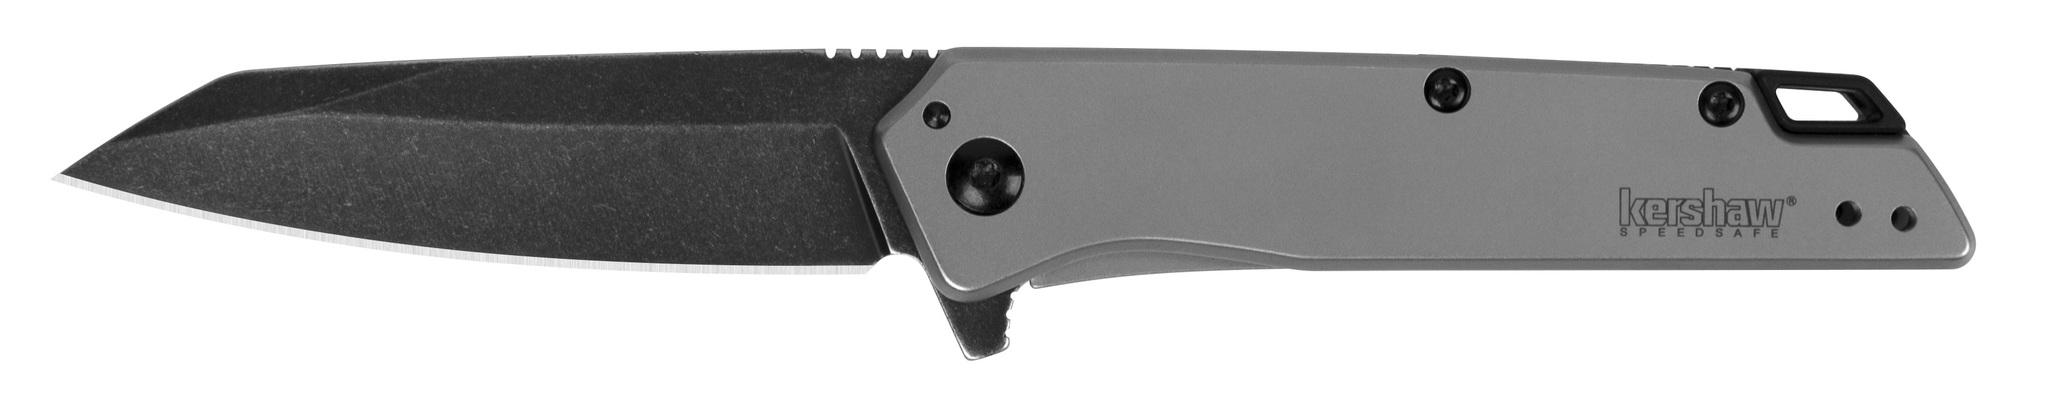 Складной нож Misdirect KERSHAW 1365, лезвие сталь 4Cr13, рукоять сталь 410 фото